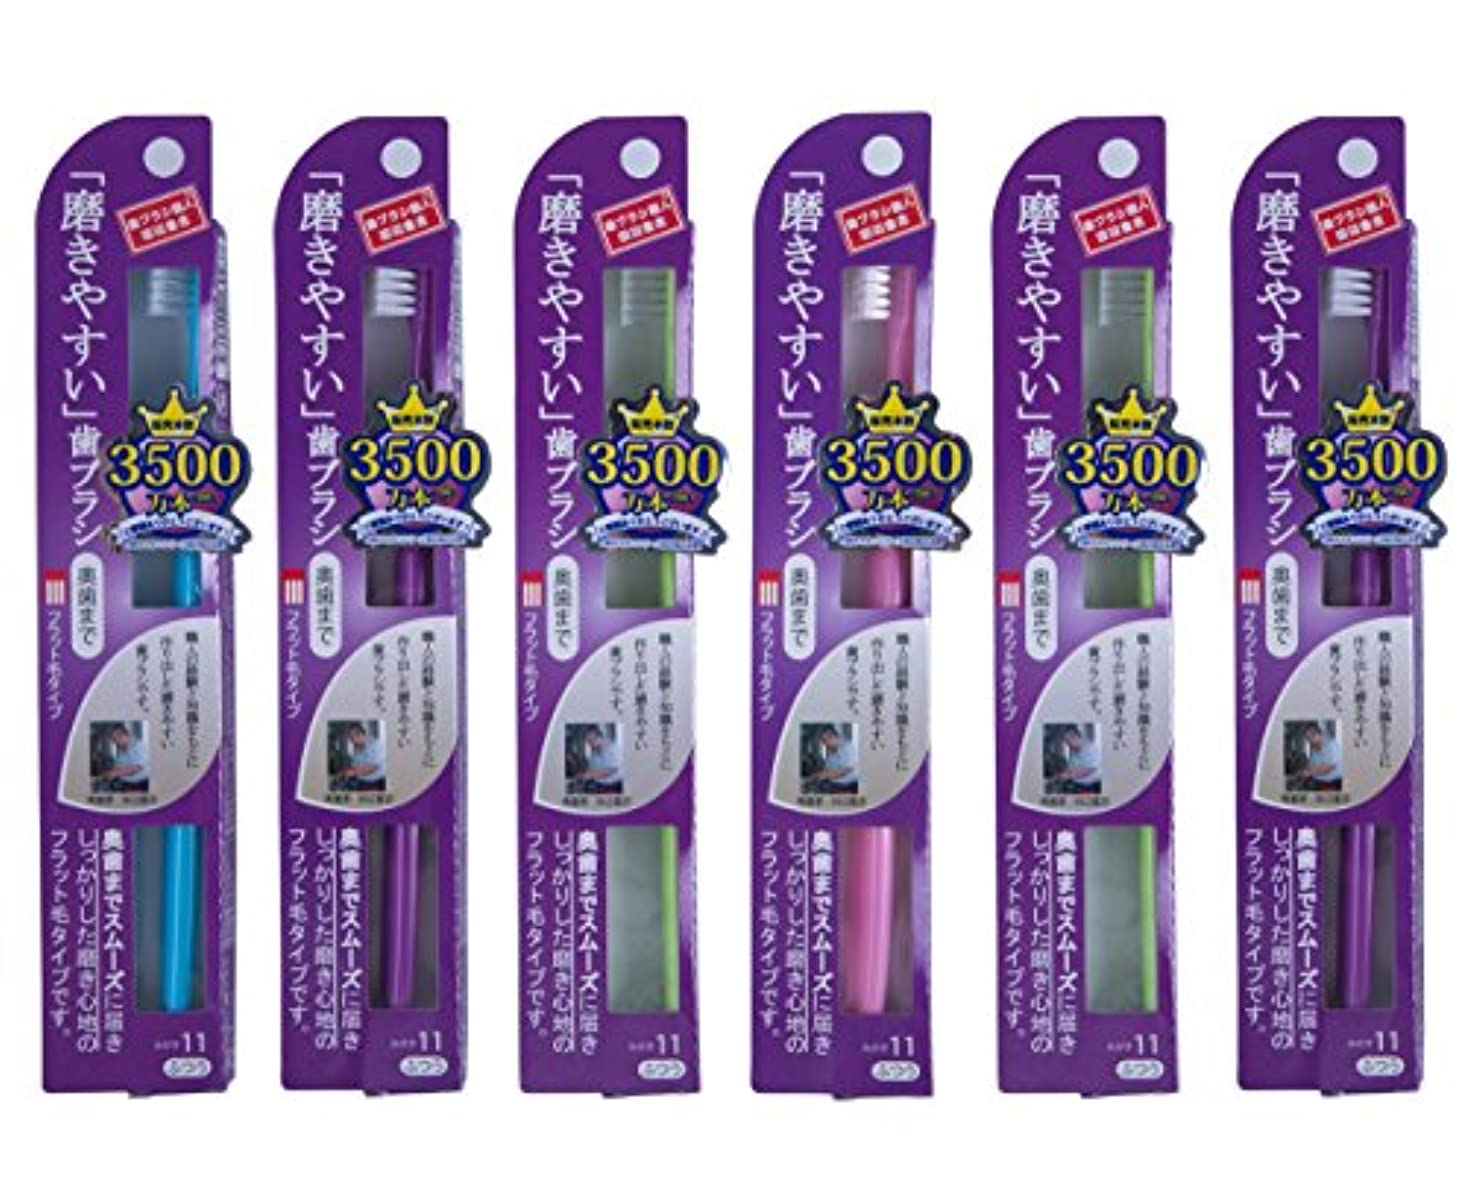 銀第五偽善者歯ブラシ職人田辺重吉 磨きやすい歯ブラシ LT-11 (6本パック)